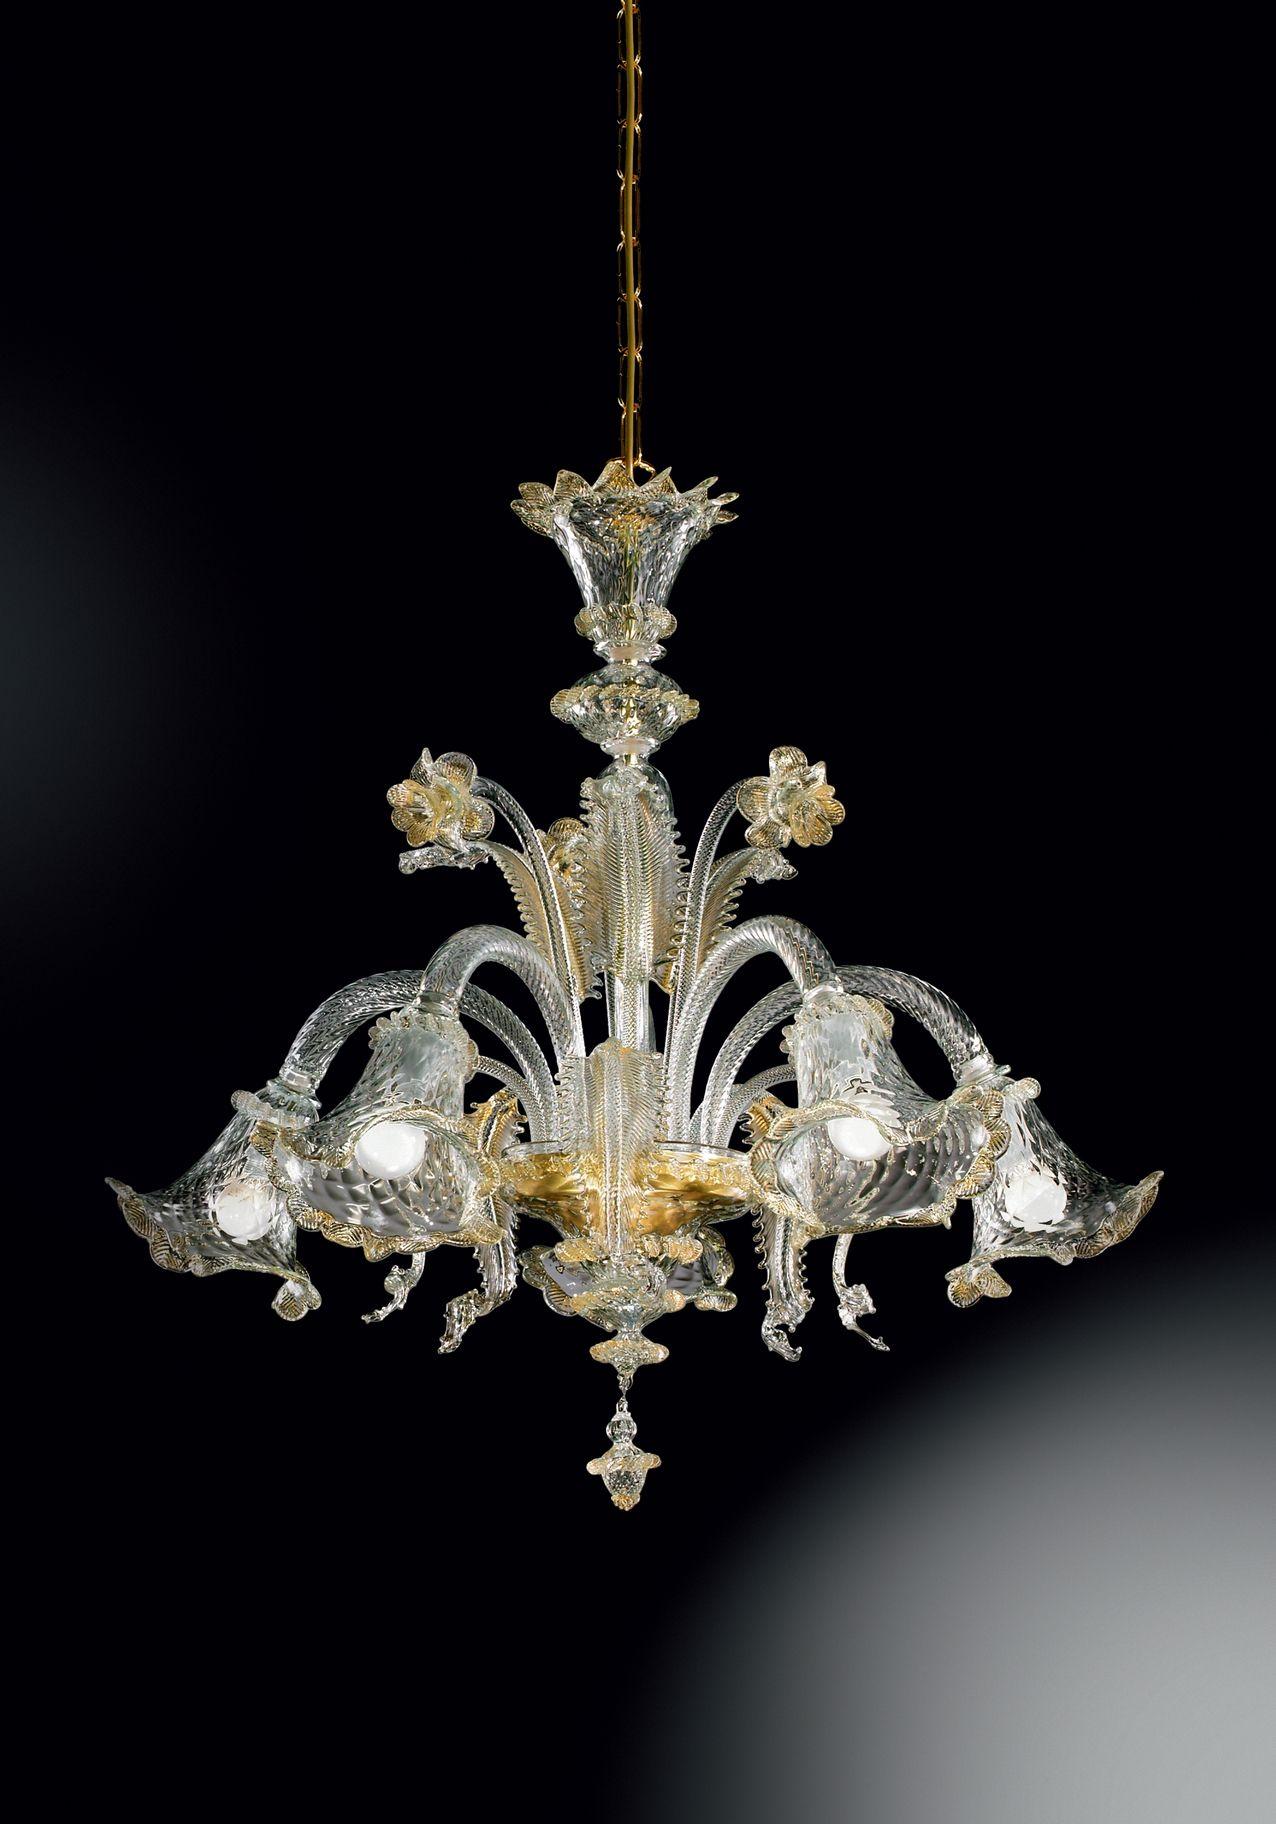 Lampadari In Cristallo Di Murano.Lampadario A 5 Luci Vetro Di Murano Cristallo E Oro Con